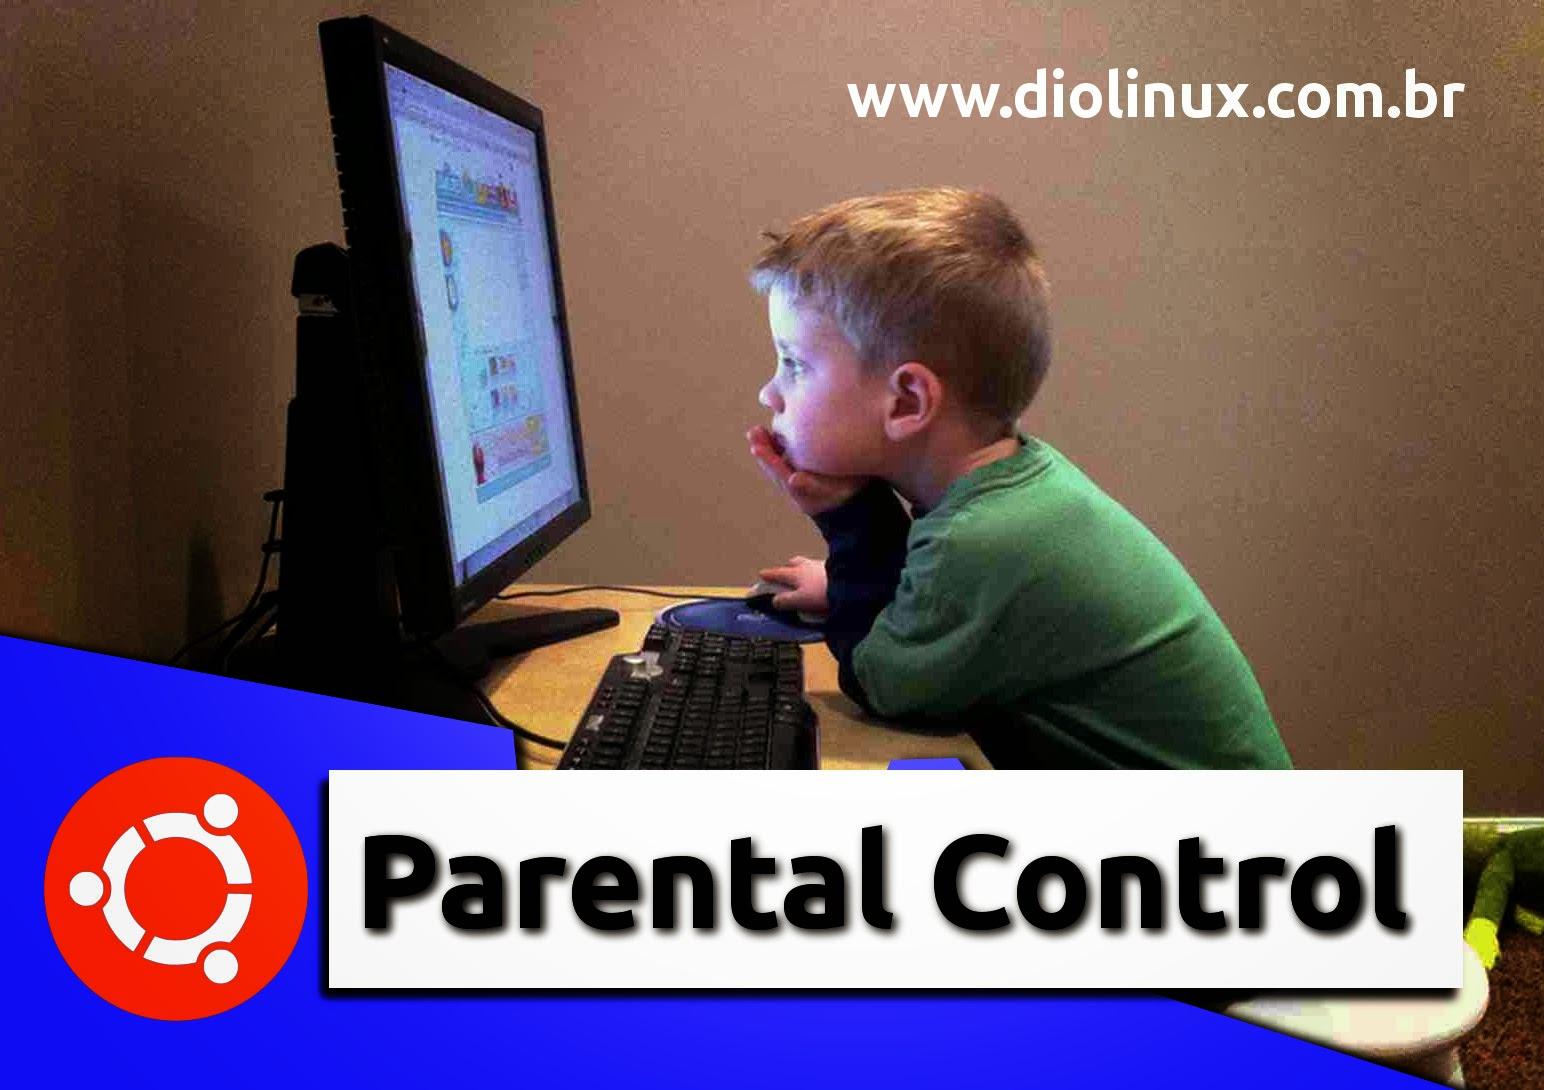 Programa de Controle dos Pais para Ubuntu